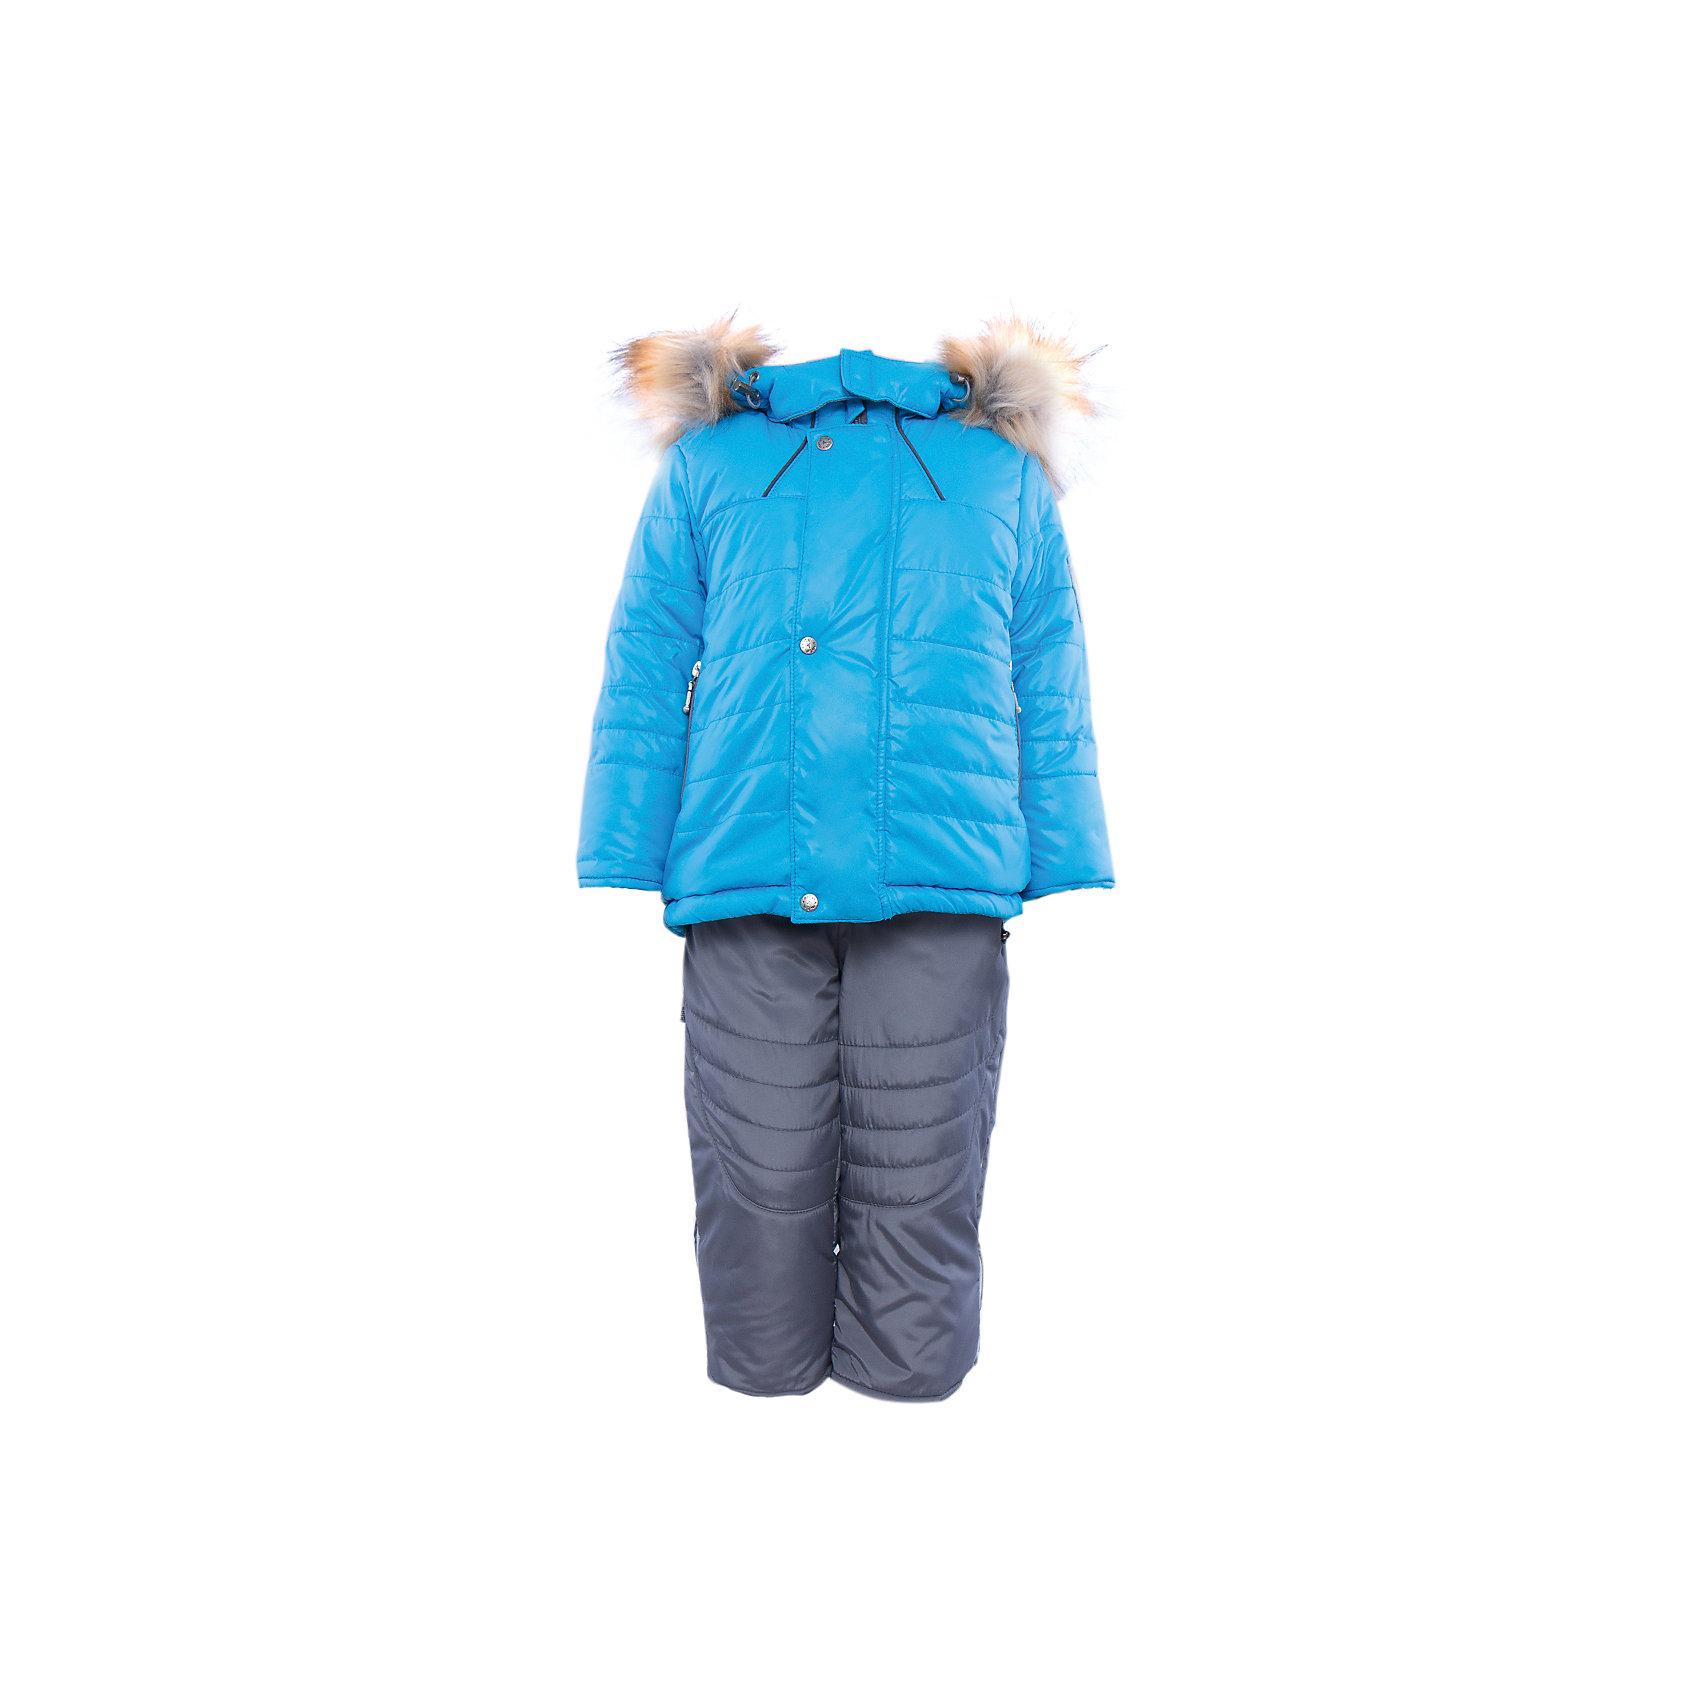 Комплект: куртка и полукомбинезон на овчине для мальчика АртельВерхняя одежда<br>Комплект: куртка и полукомбинезон для мальчика от известного бренда Артель<br>Теплая куртка прямого силуэта с дополнительной меховой подстежкой. Съемный глубокий капюшон на кнопках с искусственным отстегивающемся мехом енота, вязаные манжеты в рукавах и регулируемая кулиска по низу куртки создают дополнительную защиту в холодное время года. Отворотный рукав регулируется по длине, карманы прорезные на молнии. У полукомбинезона регулируется длина бретелек и отворачивается низ штанишек, что позволит индивидуально для каждого ребенка скорректировать посадку изделия. По низу штанины имеется дополнительная защита от снега. <br>Состав:<br>Верх: 819 YSD<br>Подкладка: интерлок<br>Подстежка: овчина<br>Опушка:енот искусственный(отстегивается)<br>Утеплитель: термофайбер 200гр<br><br>Ширина мм: 215<br>Глубина мм: 88<br>Высота мм: 191<br>Вес г: 336<br>Цвет: голубой<br>Возраст от месяцев: 12<br>Возраст до месяцев: 15<br>Пол: Мужской<br>Возраст: Детский<br>Размер: 80,86,92,74<br>SKU: 4963899